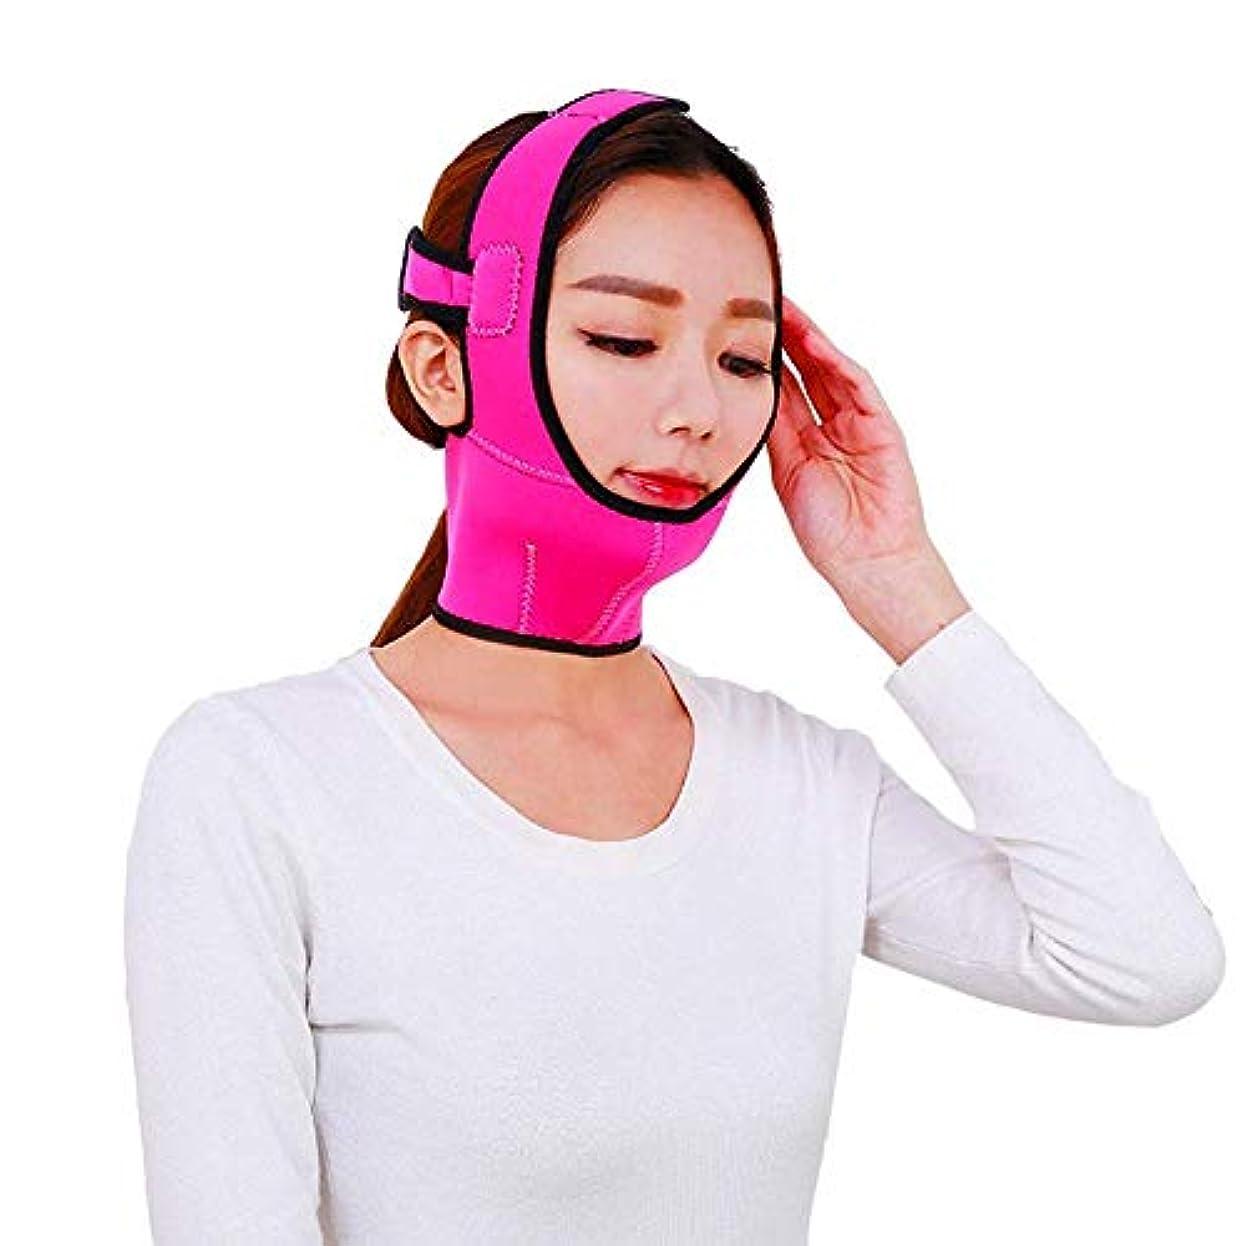 露征服する一部二重あごの顔の持ち上がるマスクVfaceの顔の小さい顔の持ち上がる用具をきつく締める通気性の顔の持ち上がる包帯